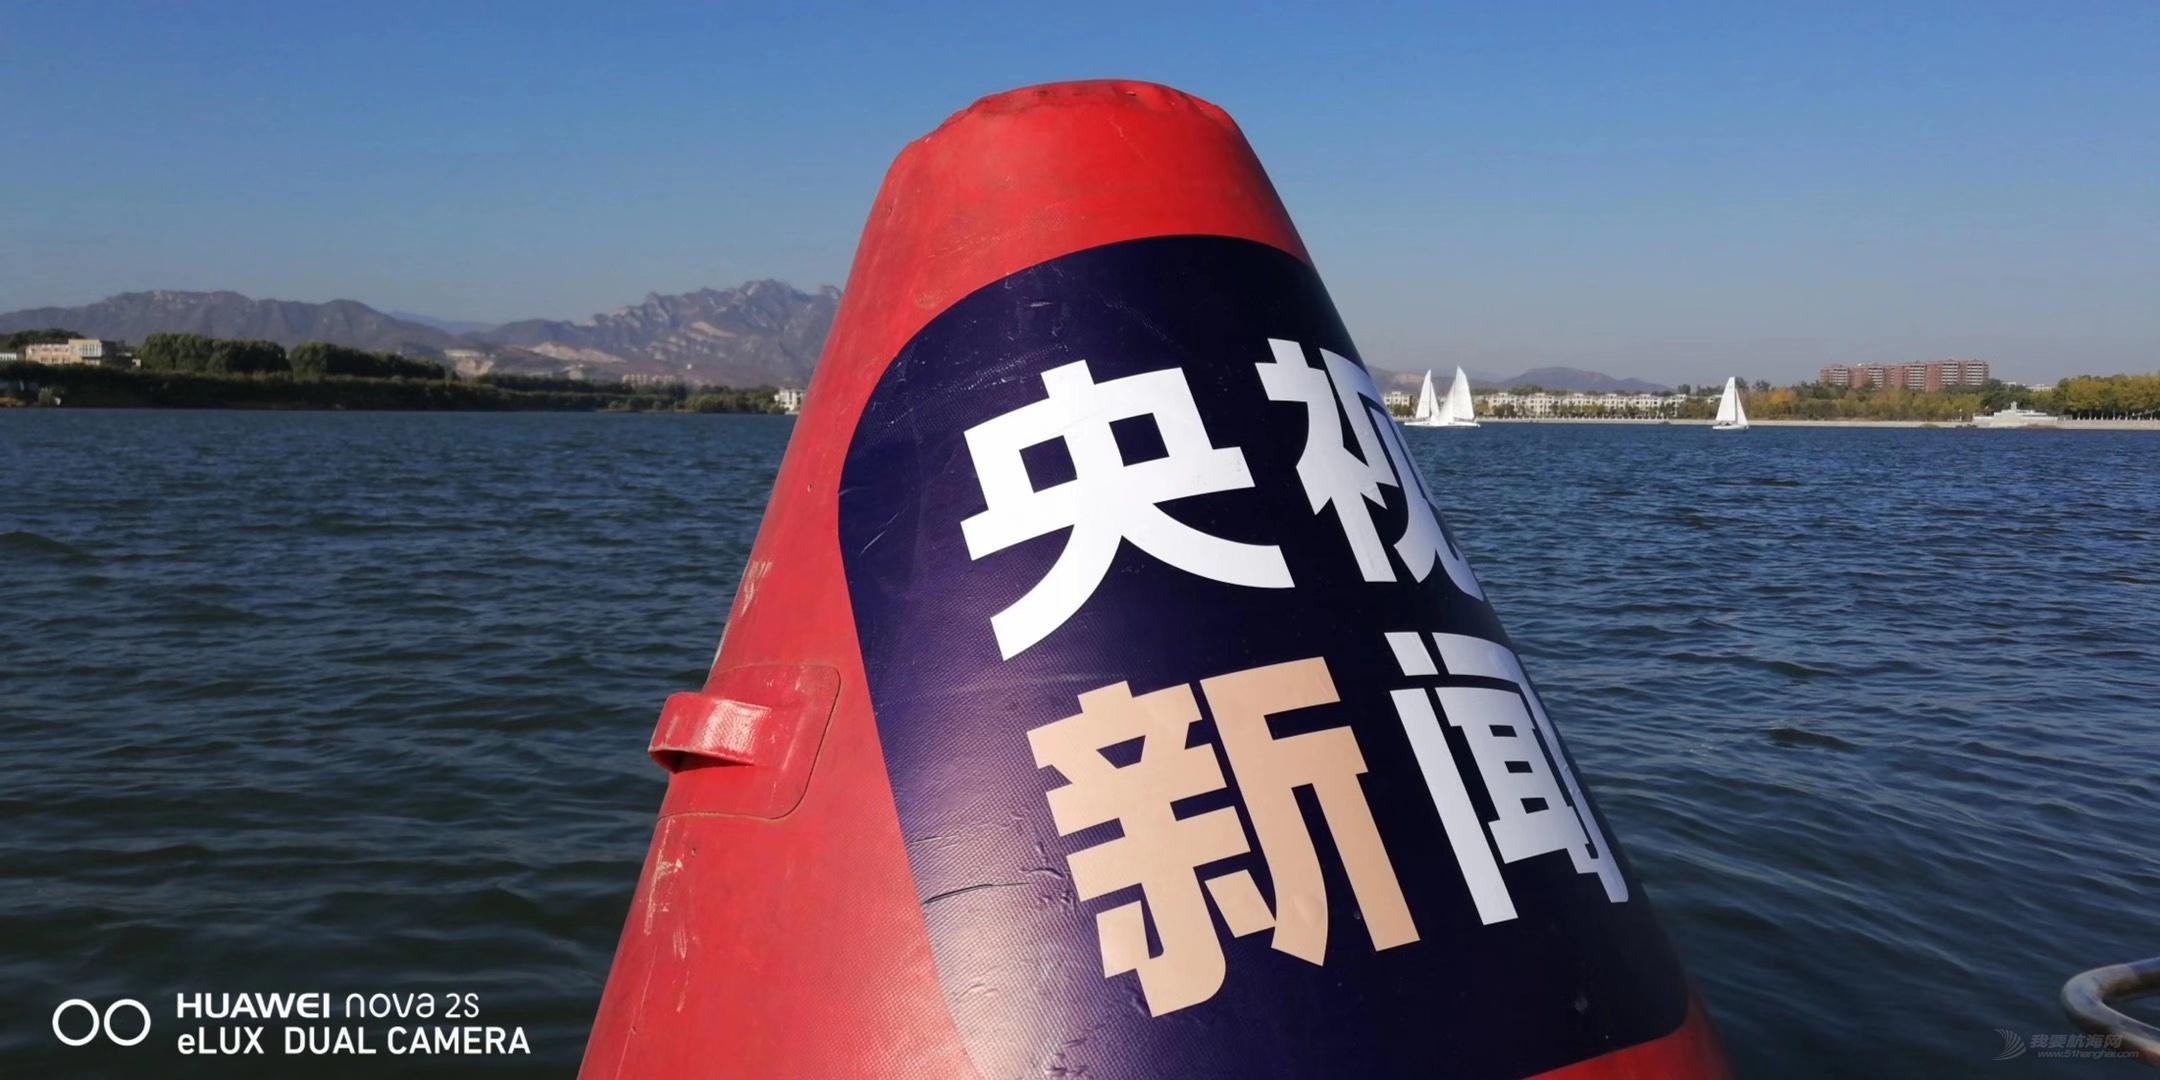 新尝试新收获——第二届北京国际帆船公开赛纪实